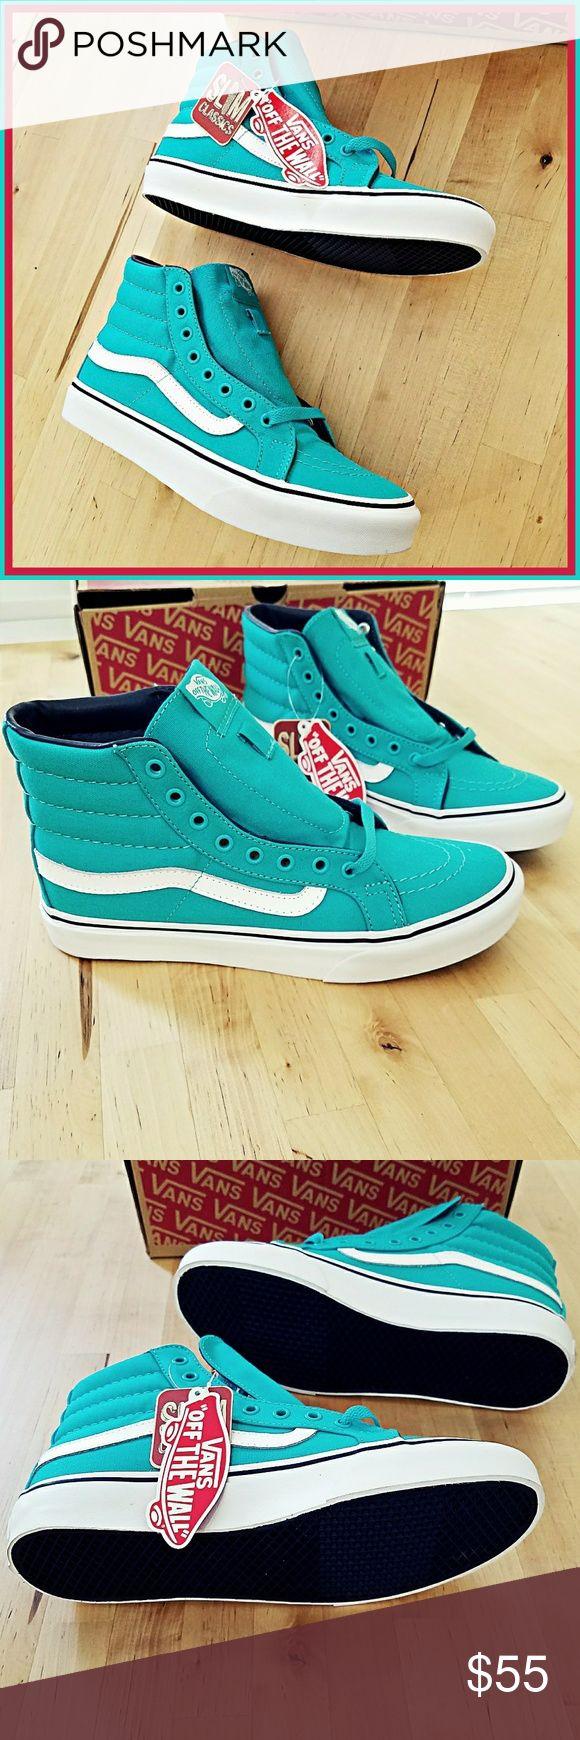 Teal Vans Sk8-Hi Slim Ceramic/Parisian Night Vans Sk8-Hi Slims.  Brand new with box. Men's 6.5 Women's 8 Vans Shoes Sneakers